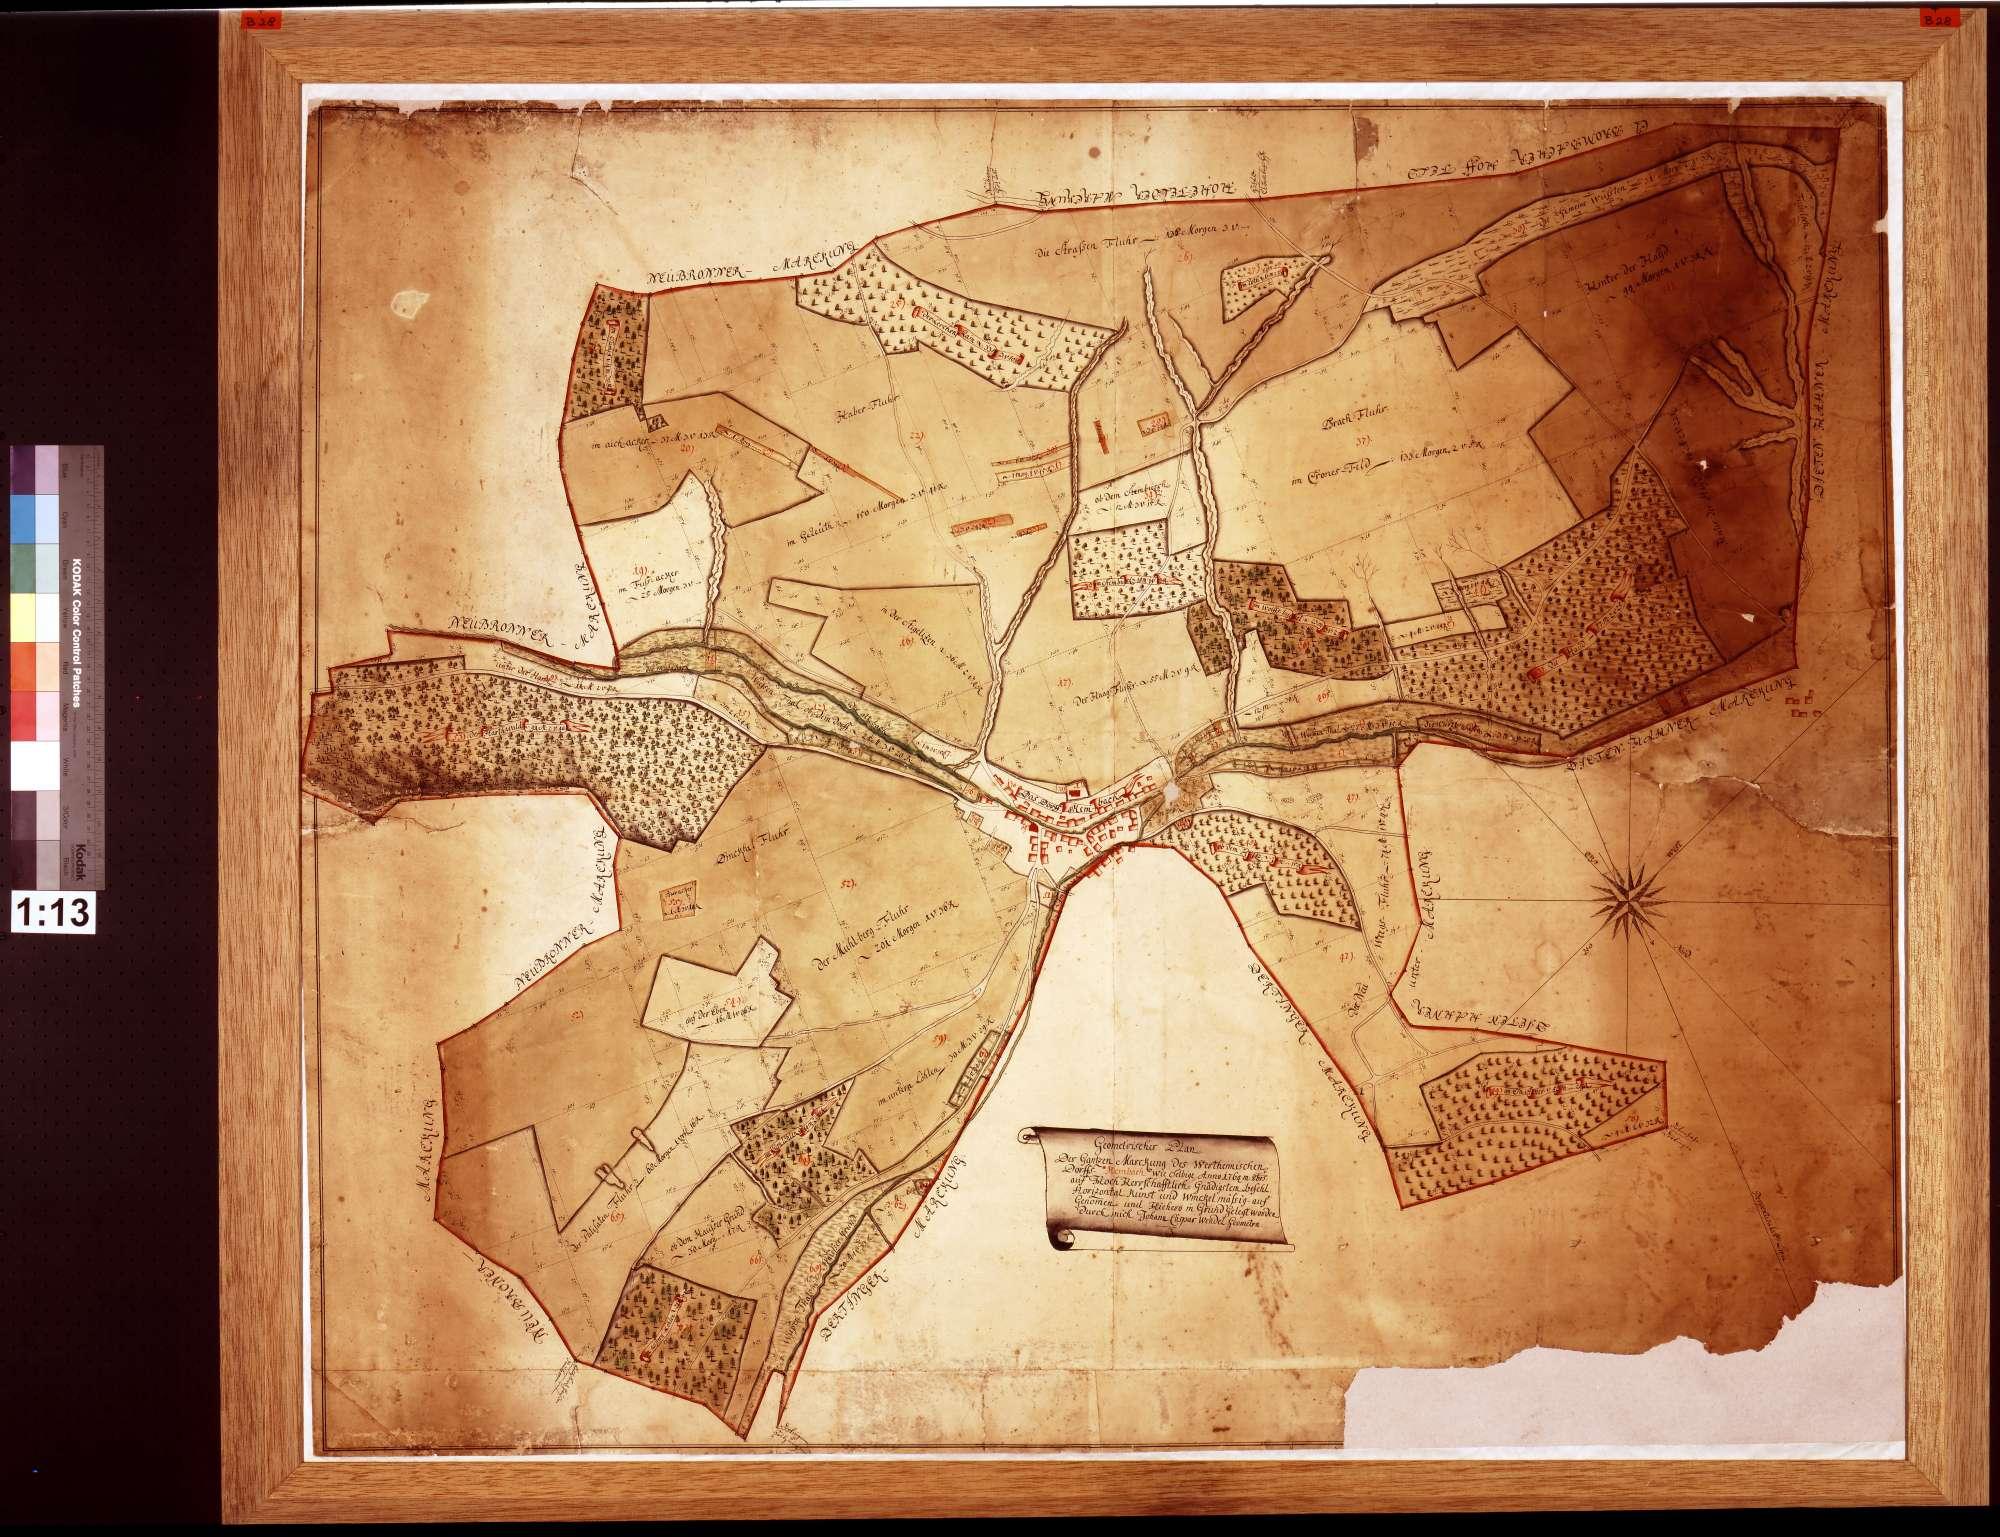 Markung des wertheimischen Dorfs Kembach, wie selbige Anno 1764 Mense Octobris auf herrschaftlichen Befehl horizontalkunst- und winkelmäßig aufgenommen und hiehero in Grund gelegt worden (Inselkarte), Bild 1